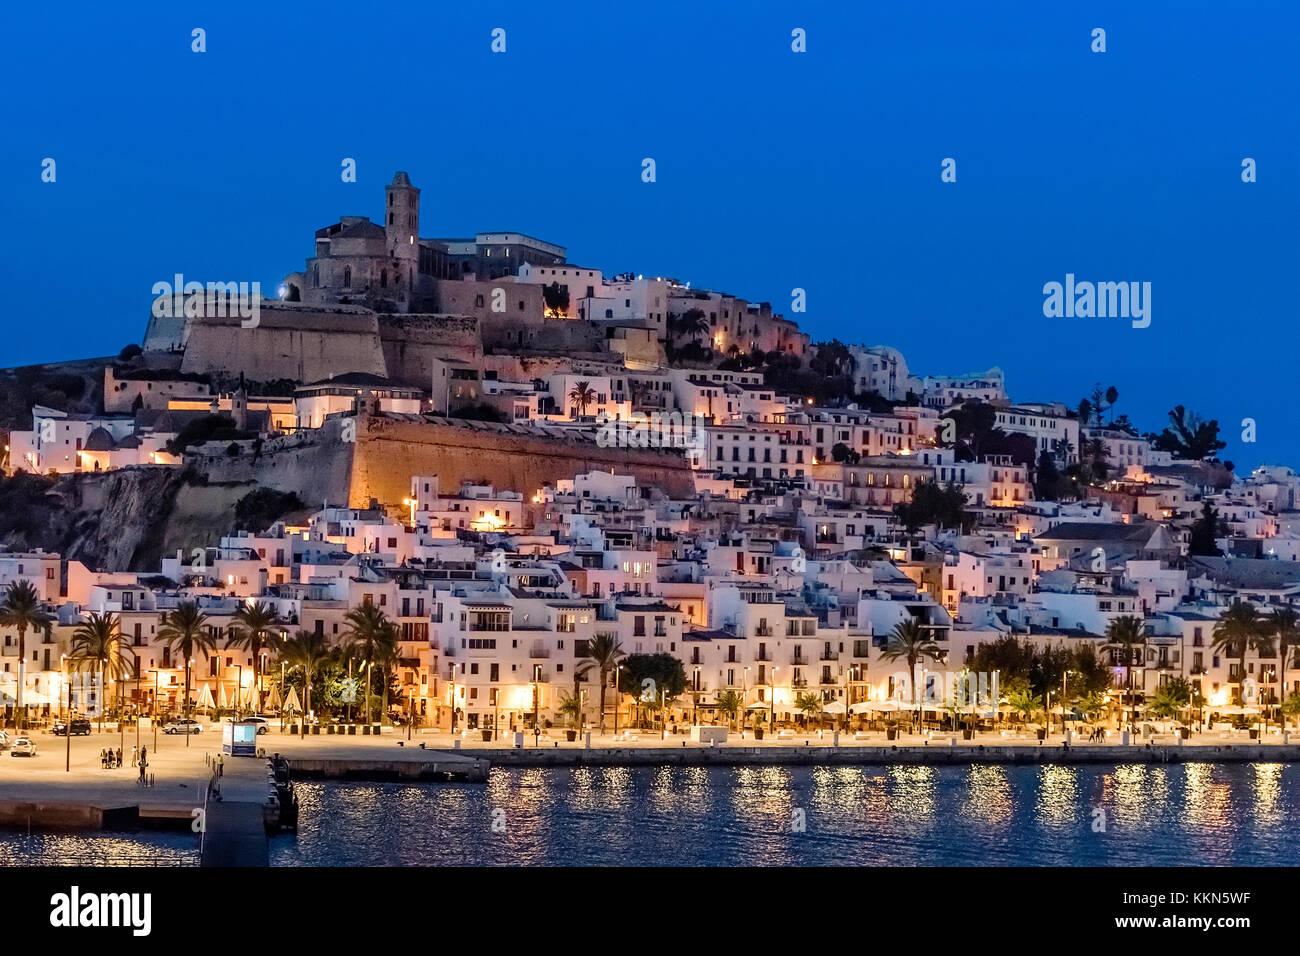 Ibiza Stadt und der Kathedrale Santa Maria d'Eivissa bei Nacht, Ibiza, Balearen, Spanien. Stockbild